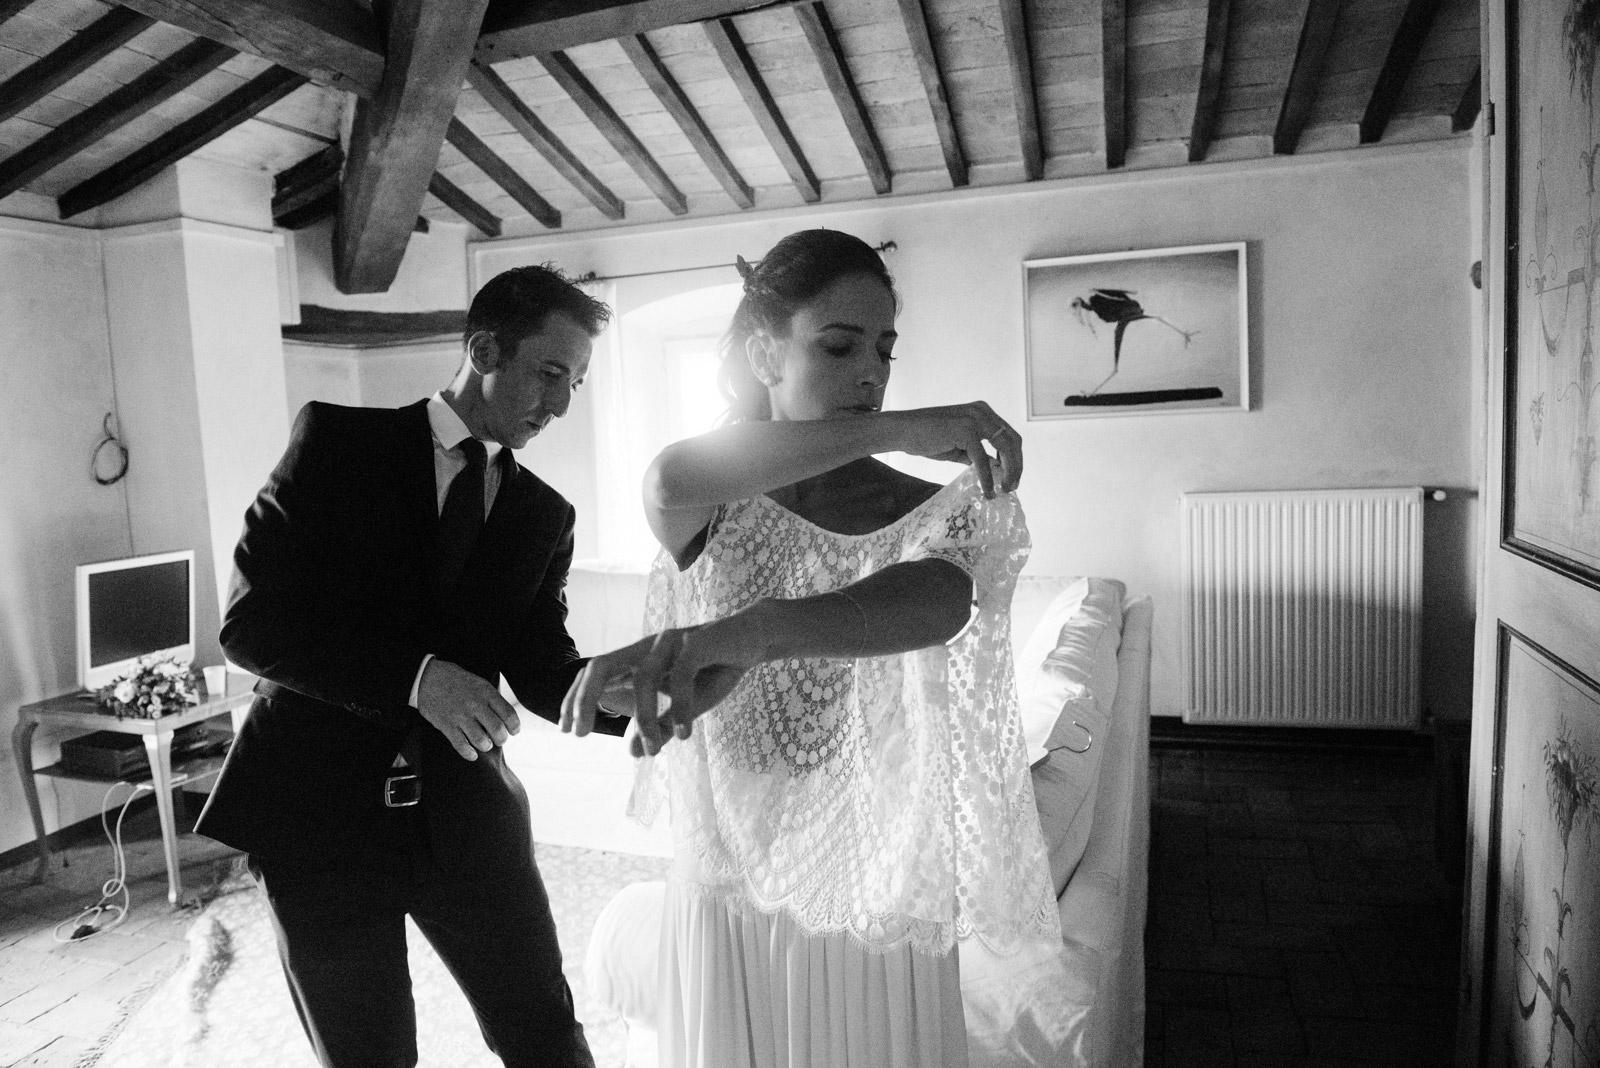 retro-glam-style-bride